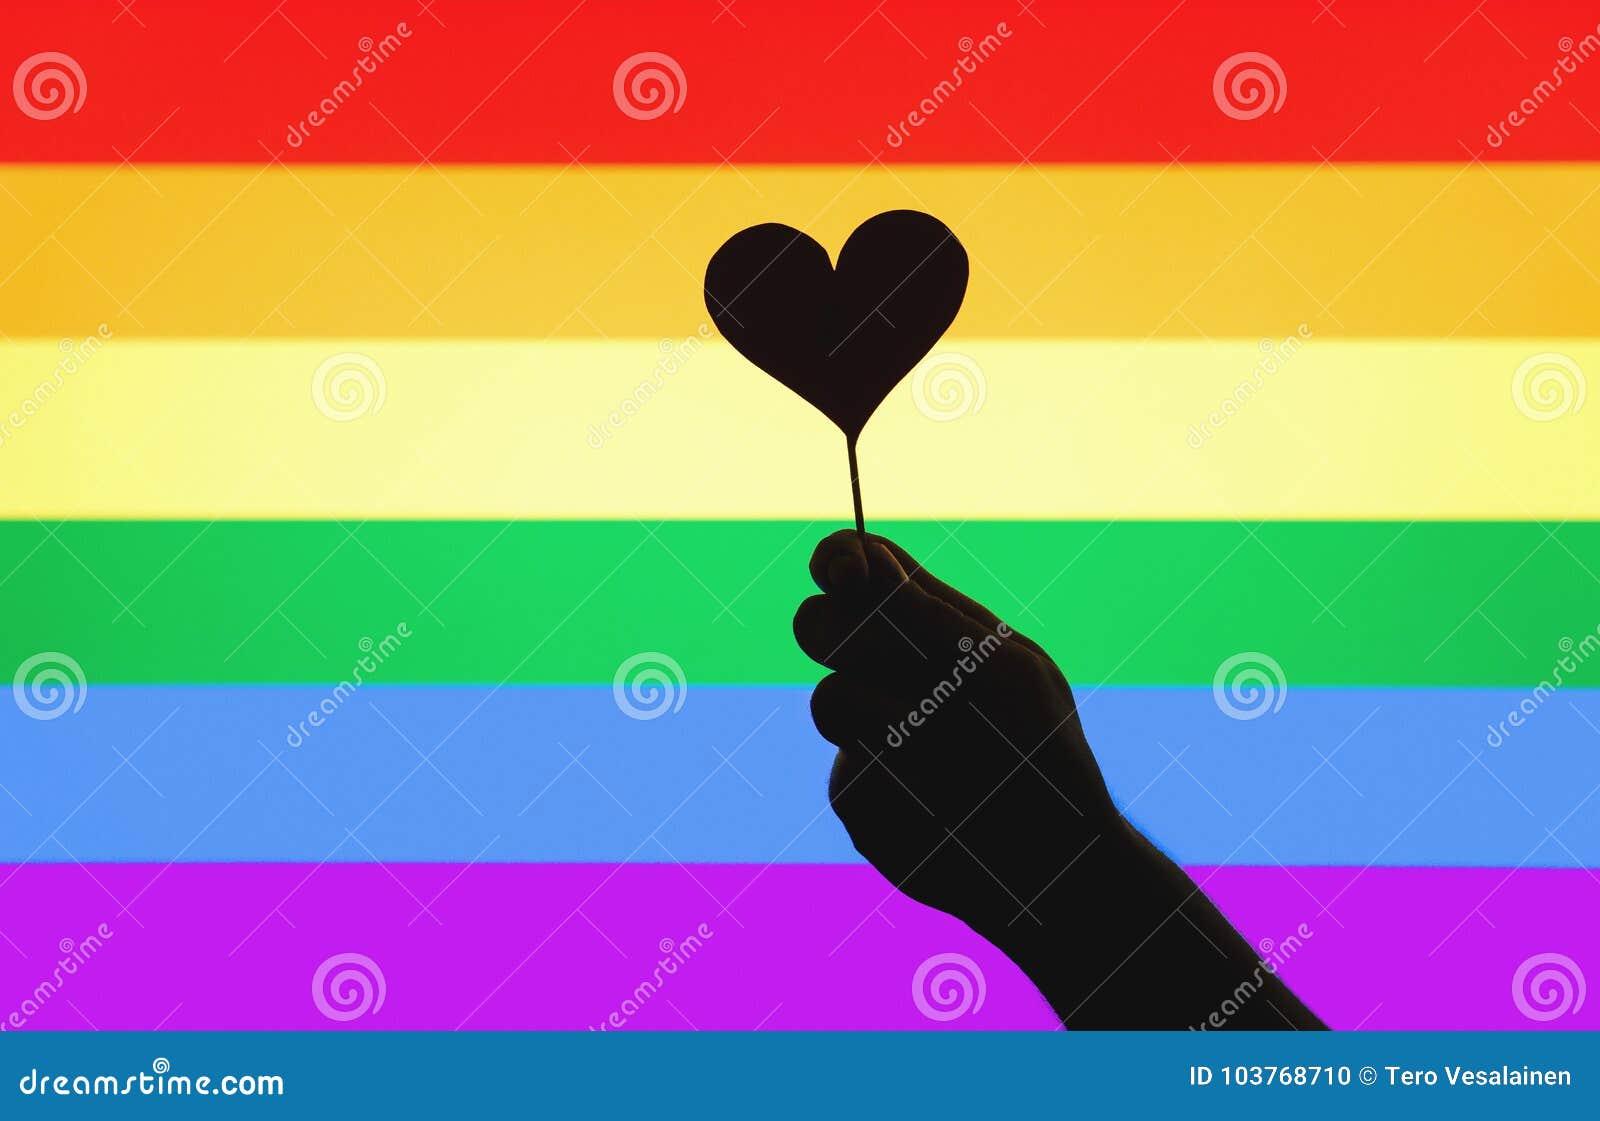 φωτογραφίες των ομοφυλοφίλων σεξ